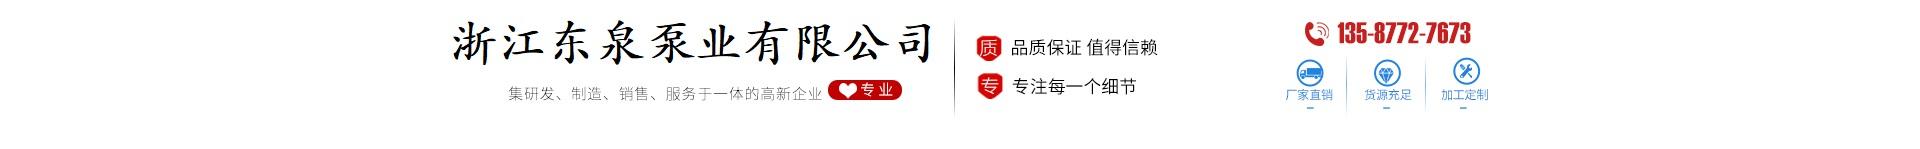 浙江东泉泵业有限公司